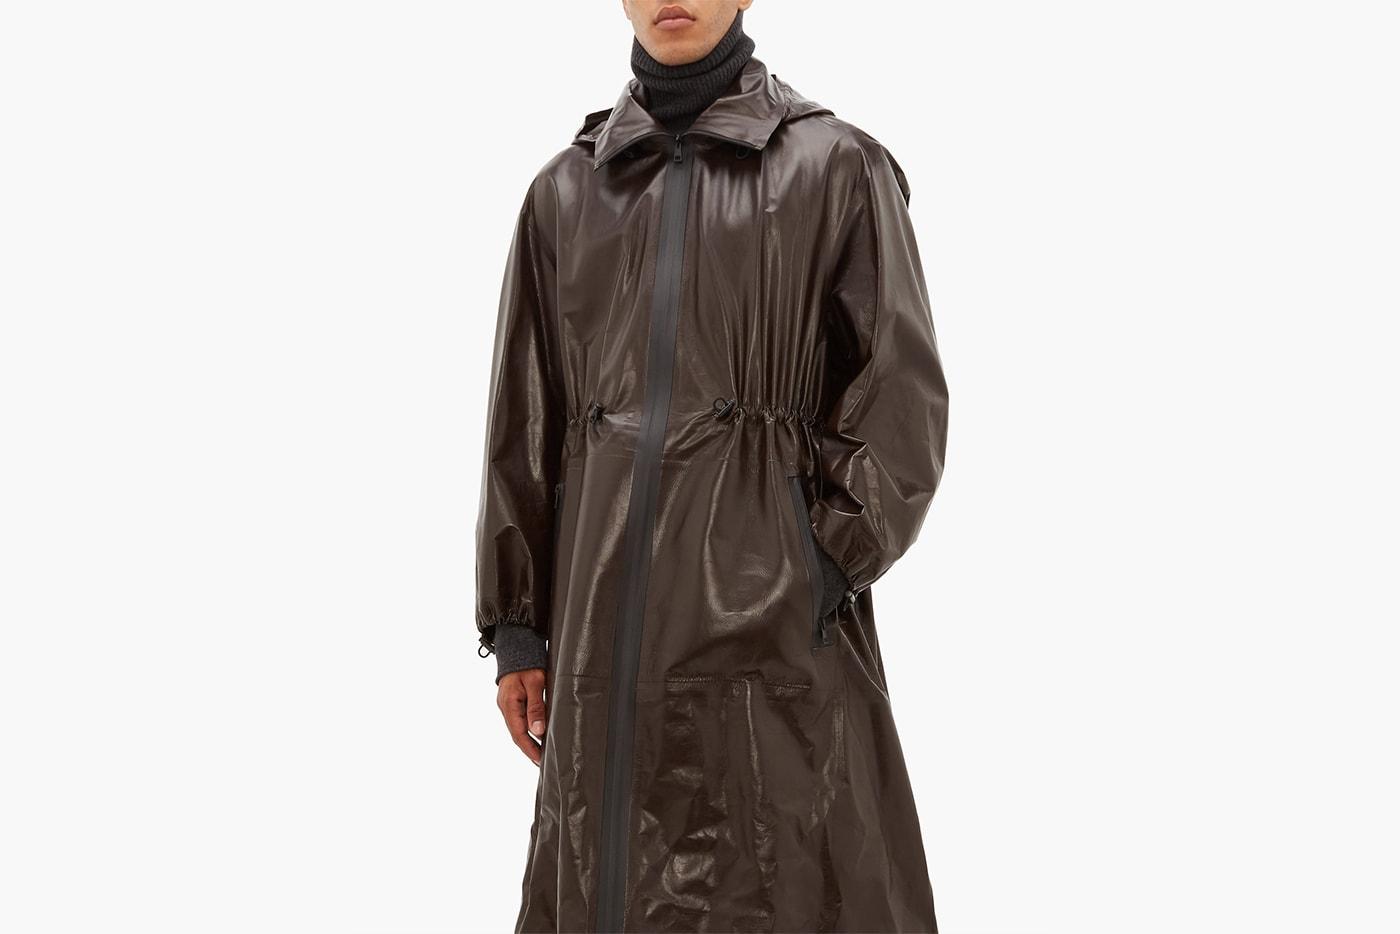 本日嚴選 8 款皮革外套單品入手推介